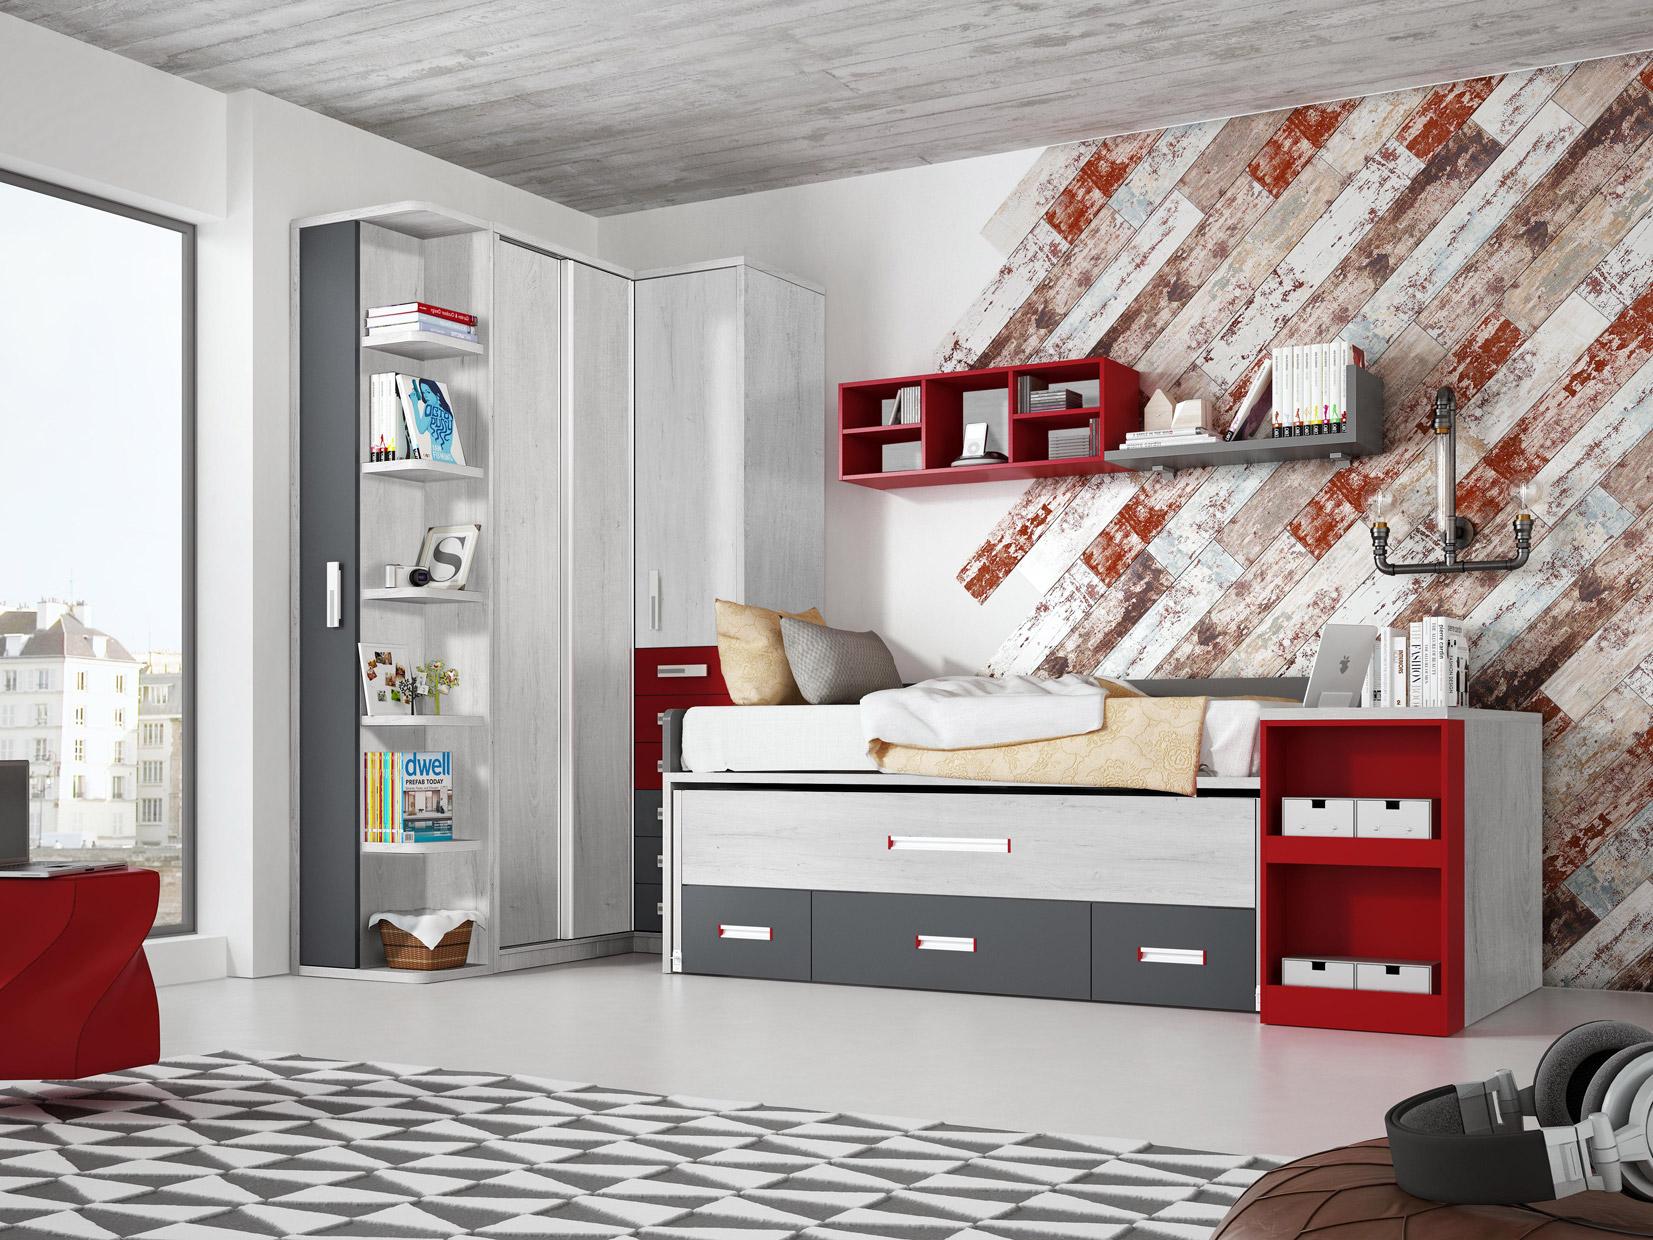 Dormitorio Juvenil Bidasoa Muebles D Azmuebles D Az # Muebles Bidasoa